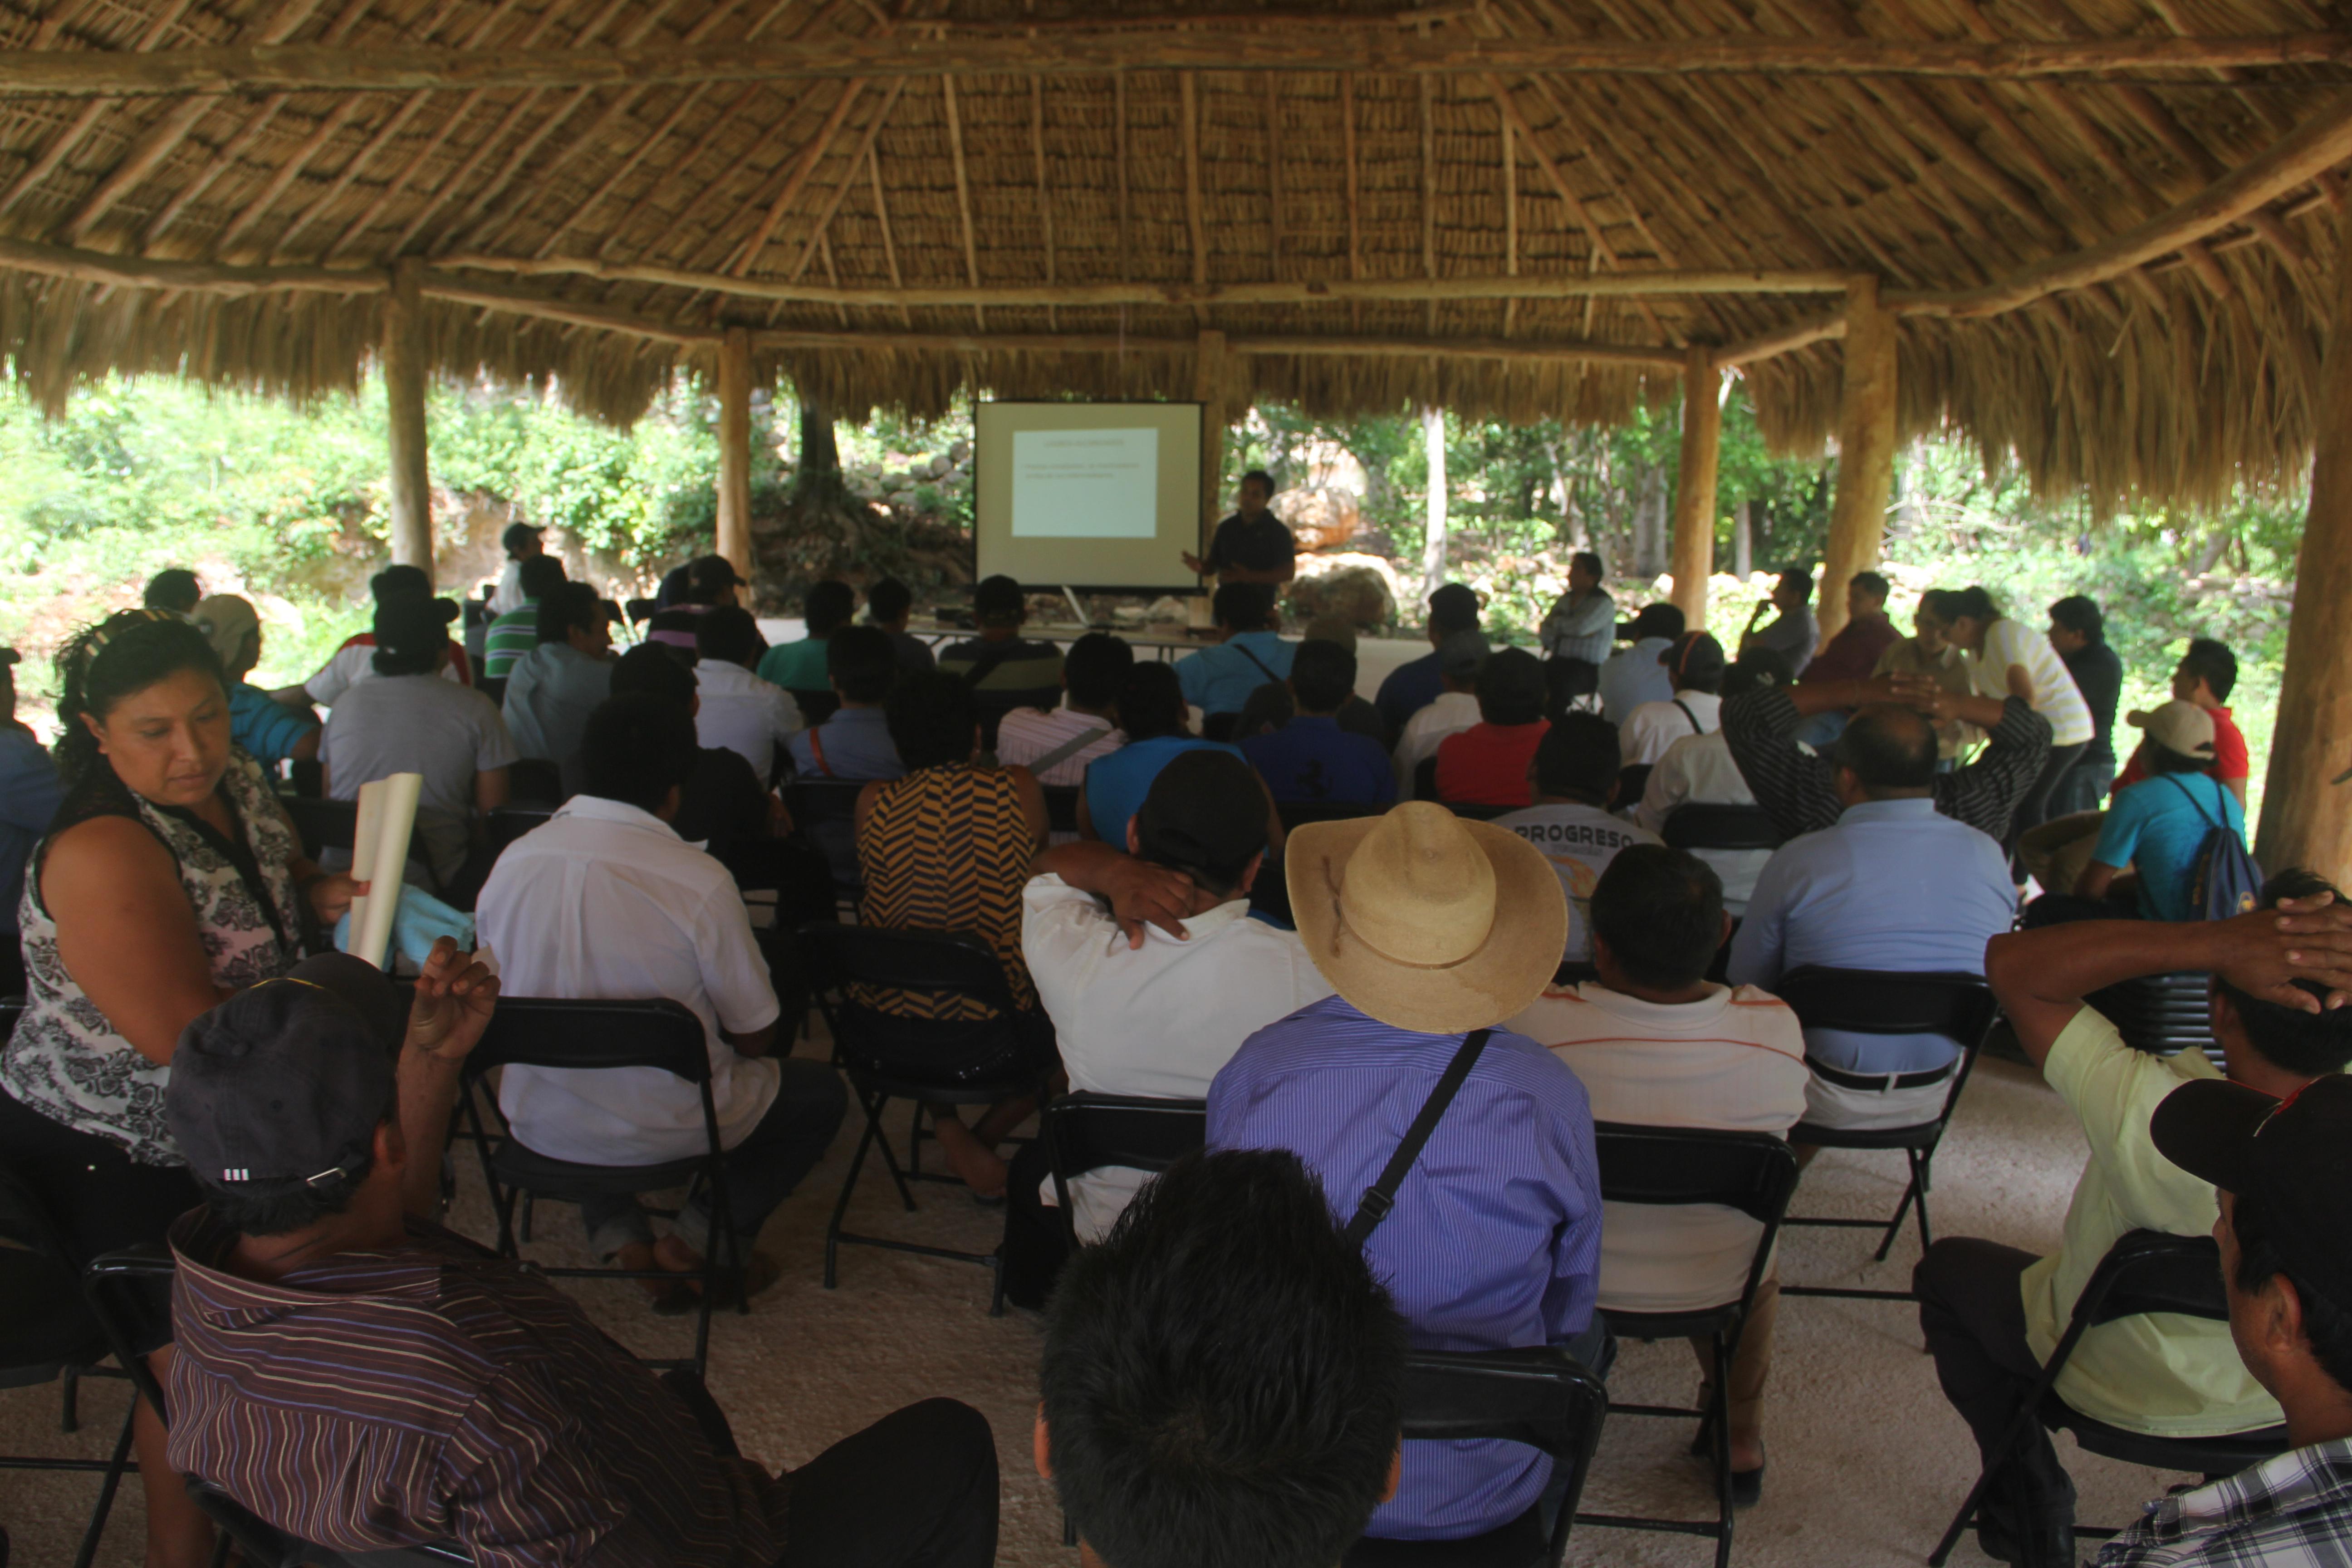 Gobernanza en territorios forestales - Más de 15 mil entidades agrarias cuentan en México con más de 200 hectáreas de bosques, selvas o matorrales. Muchas de estas comunidades deciden de manera colectiva cómo utilizar sus recursos forestales.